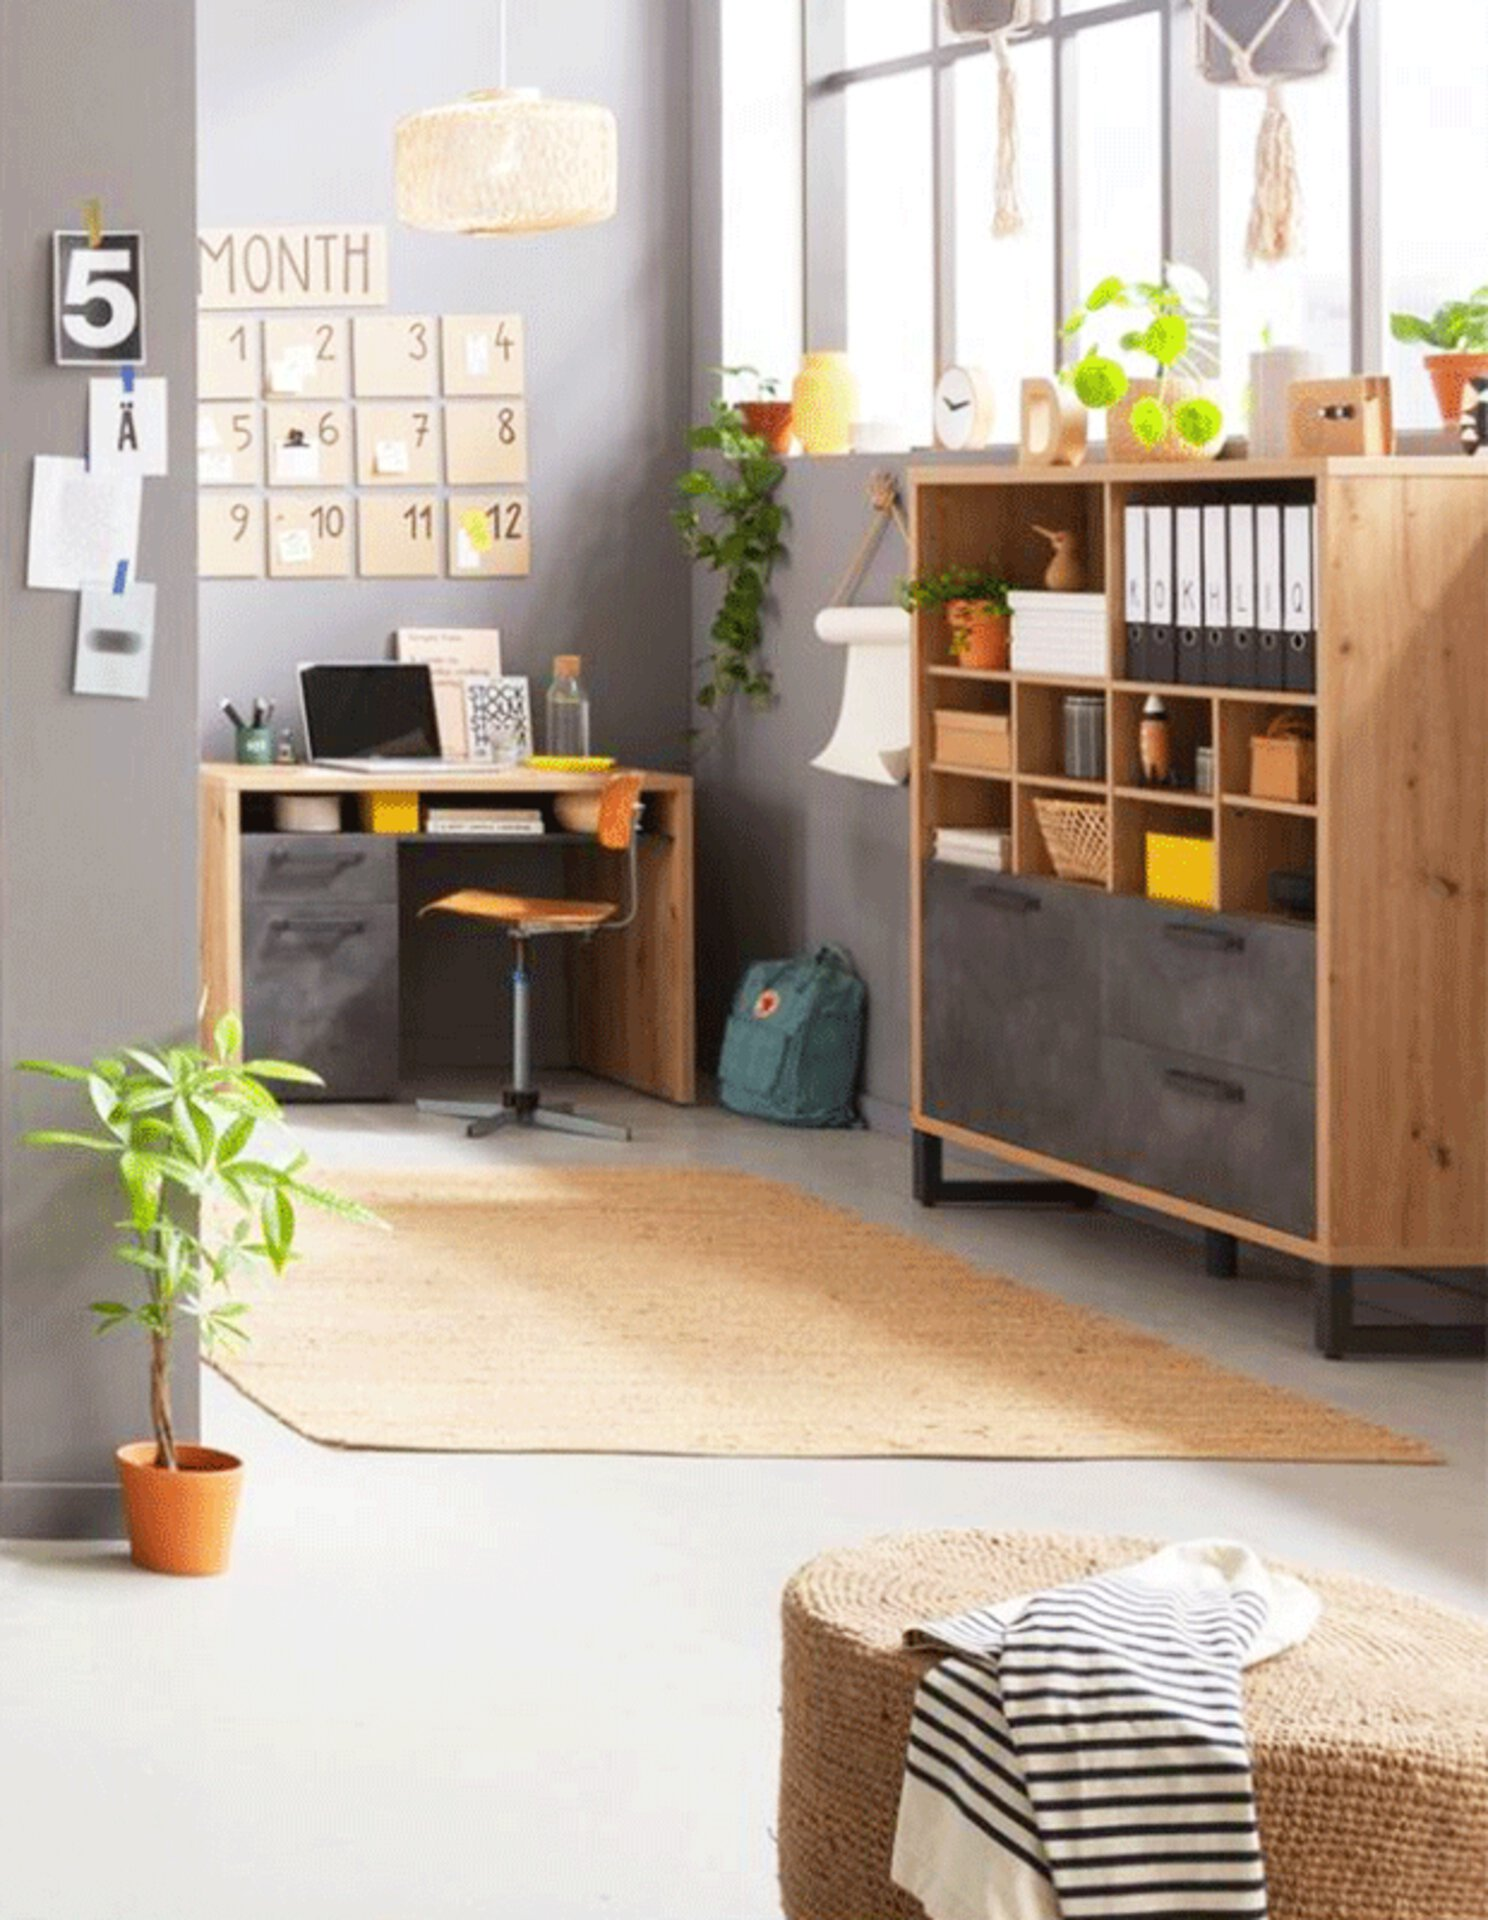 """Inspirationsbild zu """"WG-Zimmer-Einrichten"""" zeigt einen hellen Raum mit kompakten Möbellösungen."""